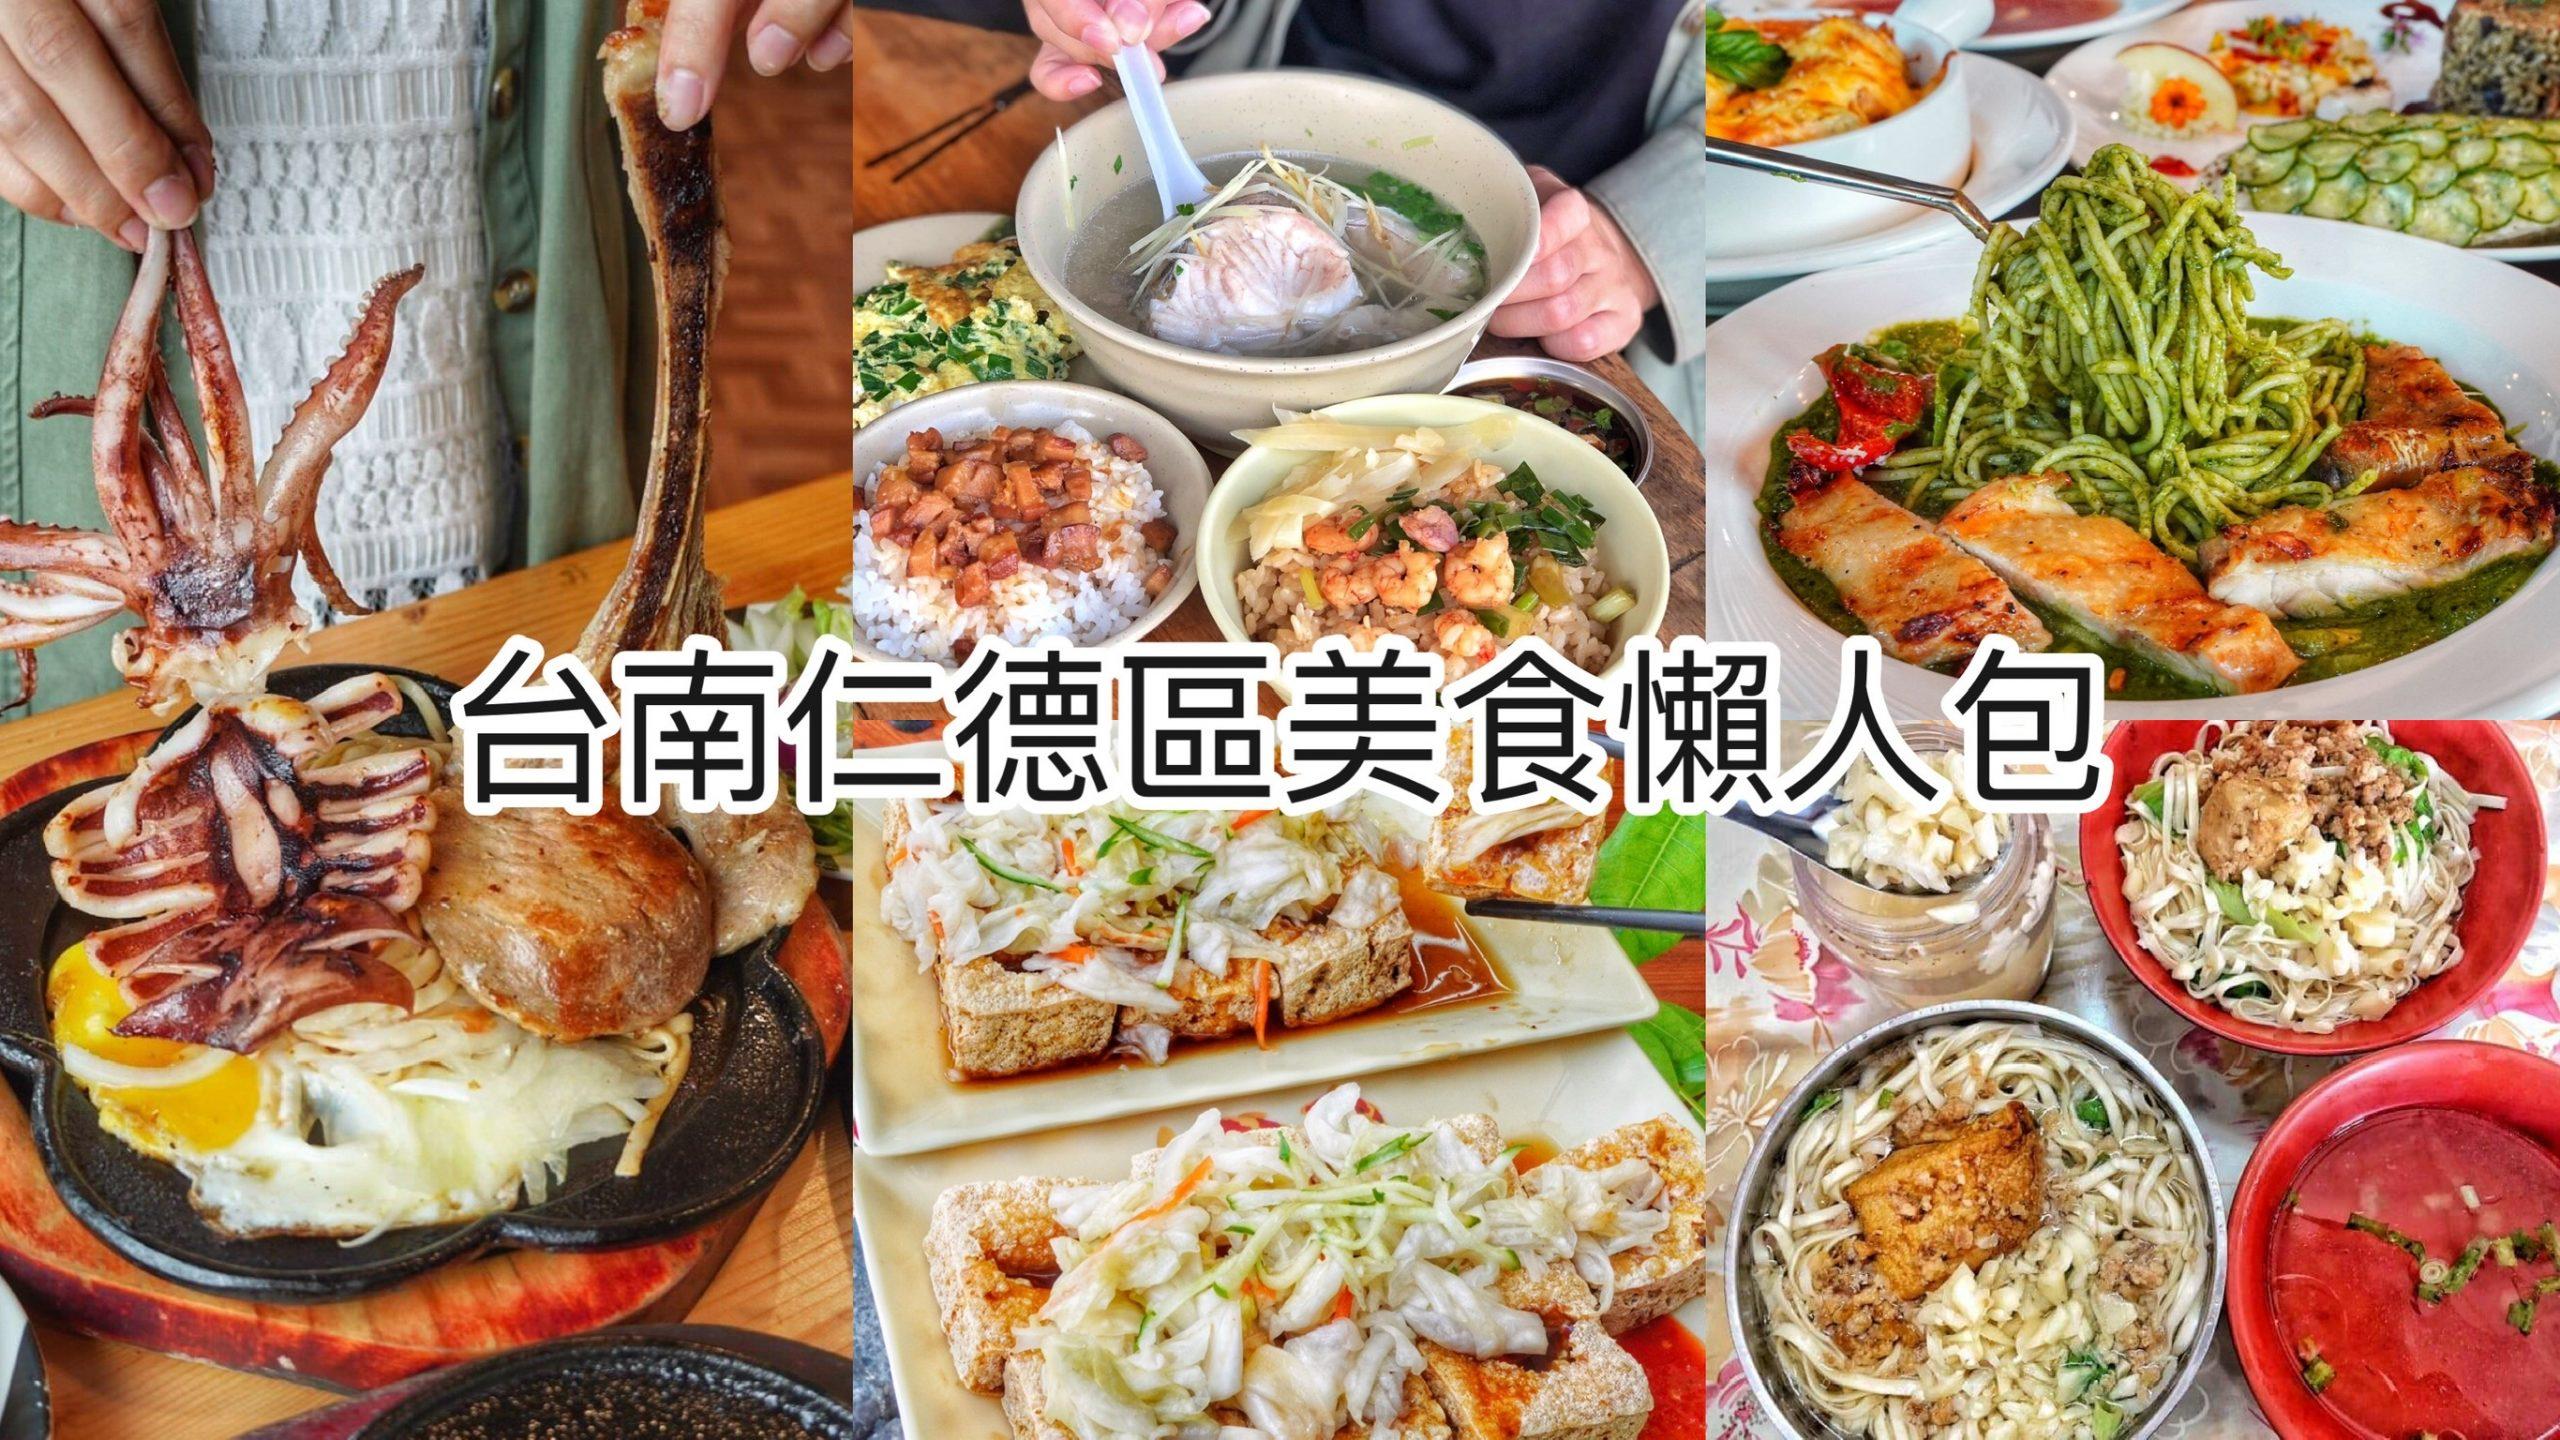 【台南美食】台南仁德區美食懶人包!台南最厲害的草魚湯/半杯都是料的隱藏版綠豆湯(持續更新中)